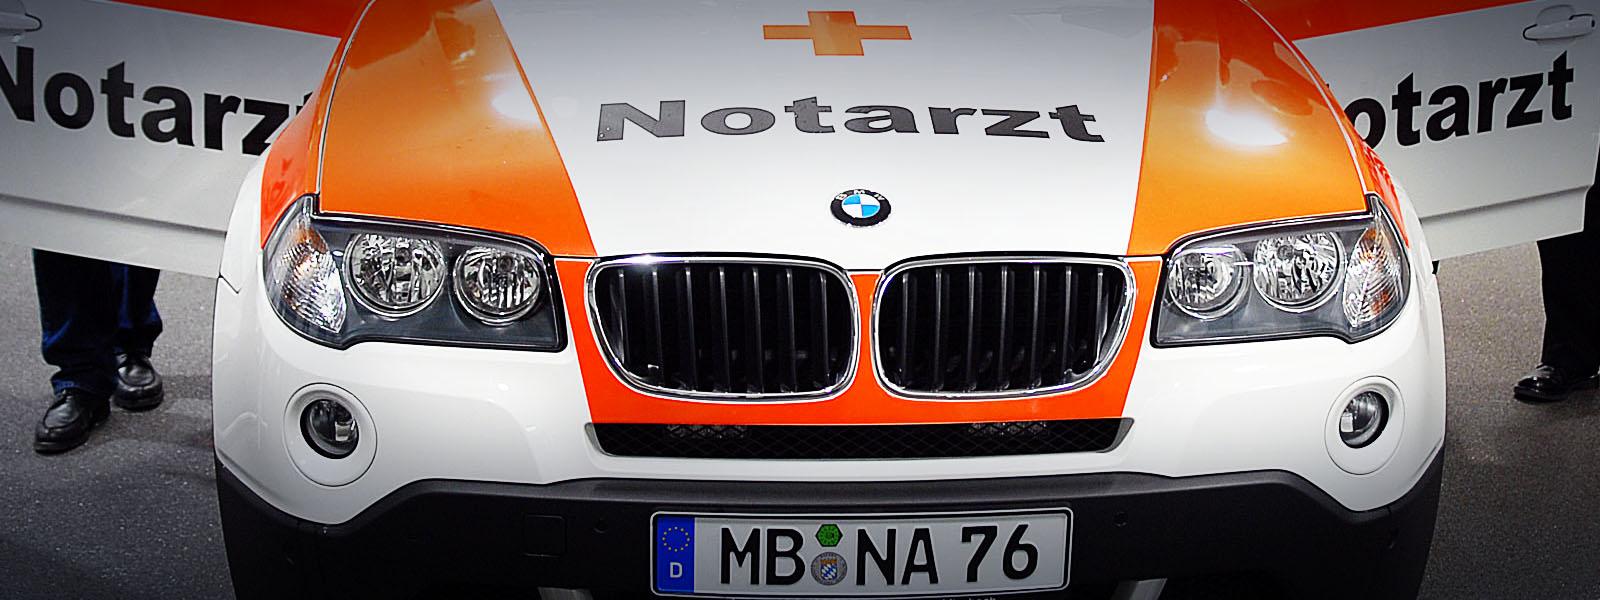 Neuer Notarzt-Wagen für den Landkreis